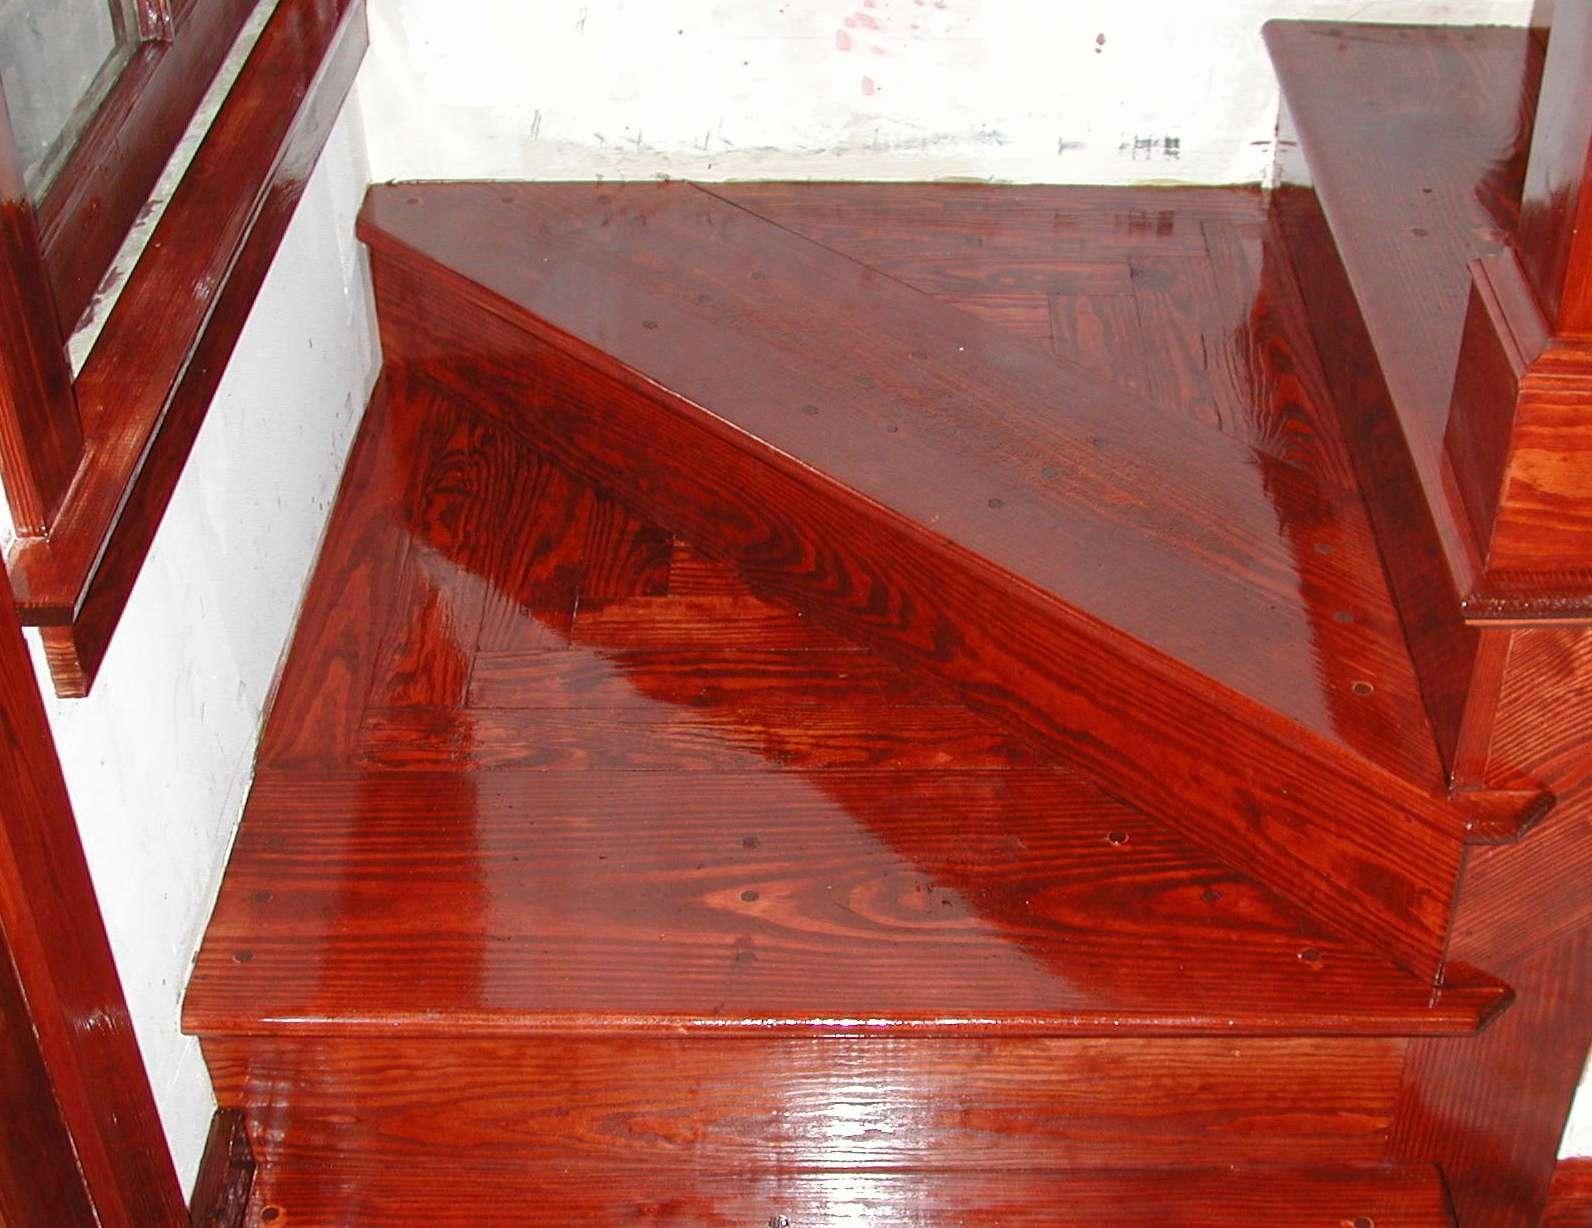 Le vernis peut servir à protéger le mobilier comme les escaliers. © Editor B, CC BY 2.0, Wikimedia Commons